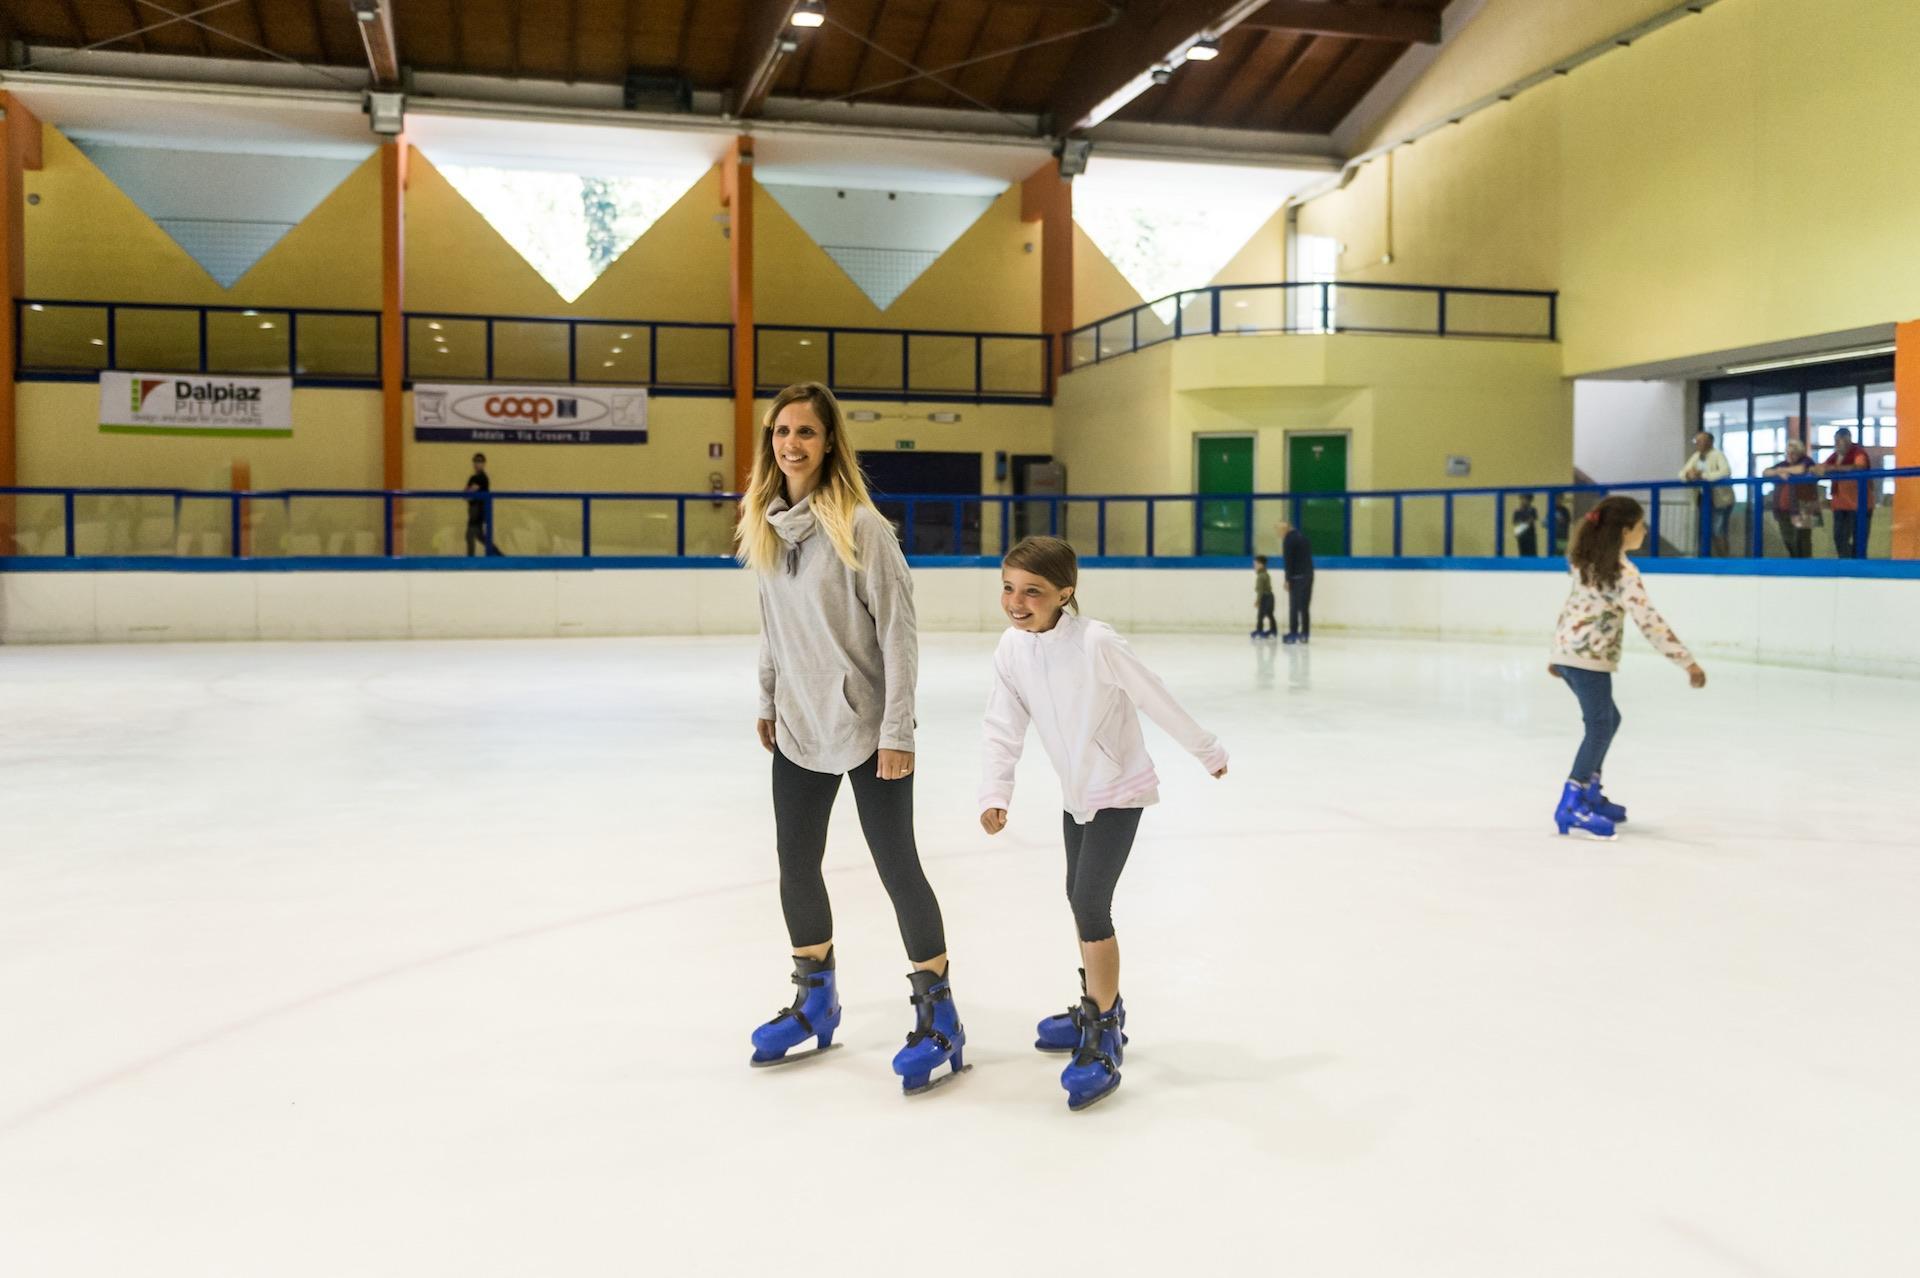 Andalo Vacanze Pattinaggio sul ghiaccio Family Park Dolomiti Paganella Trentino